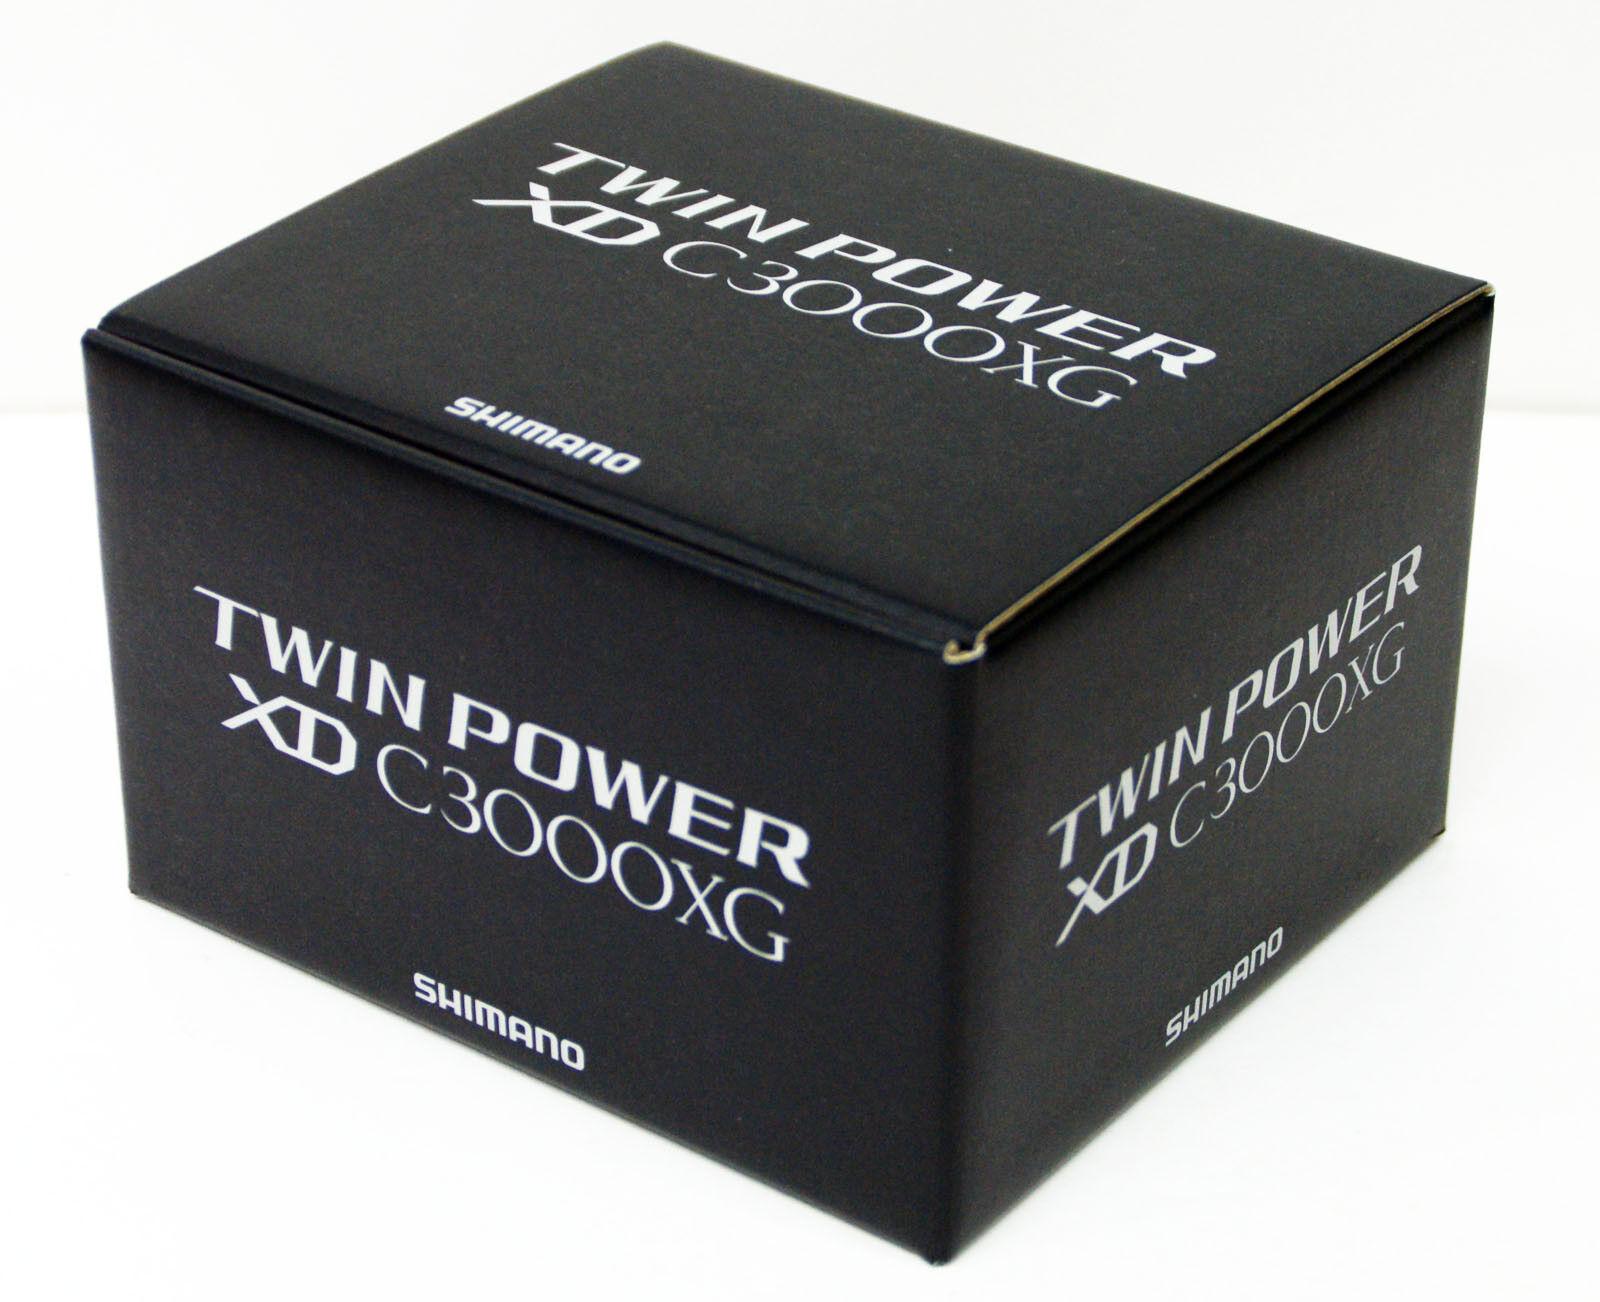 Shimano 17 Doppio Power Xd C3000XG Mulinello da Spinning 4969363037466